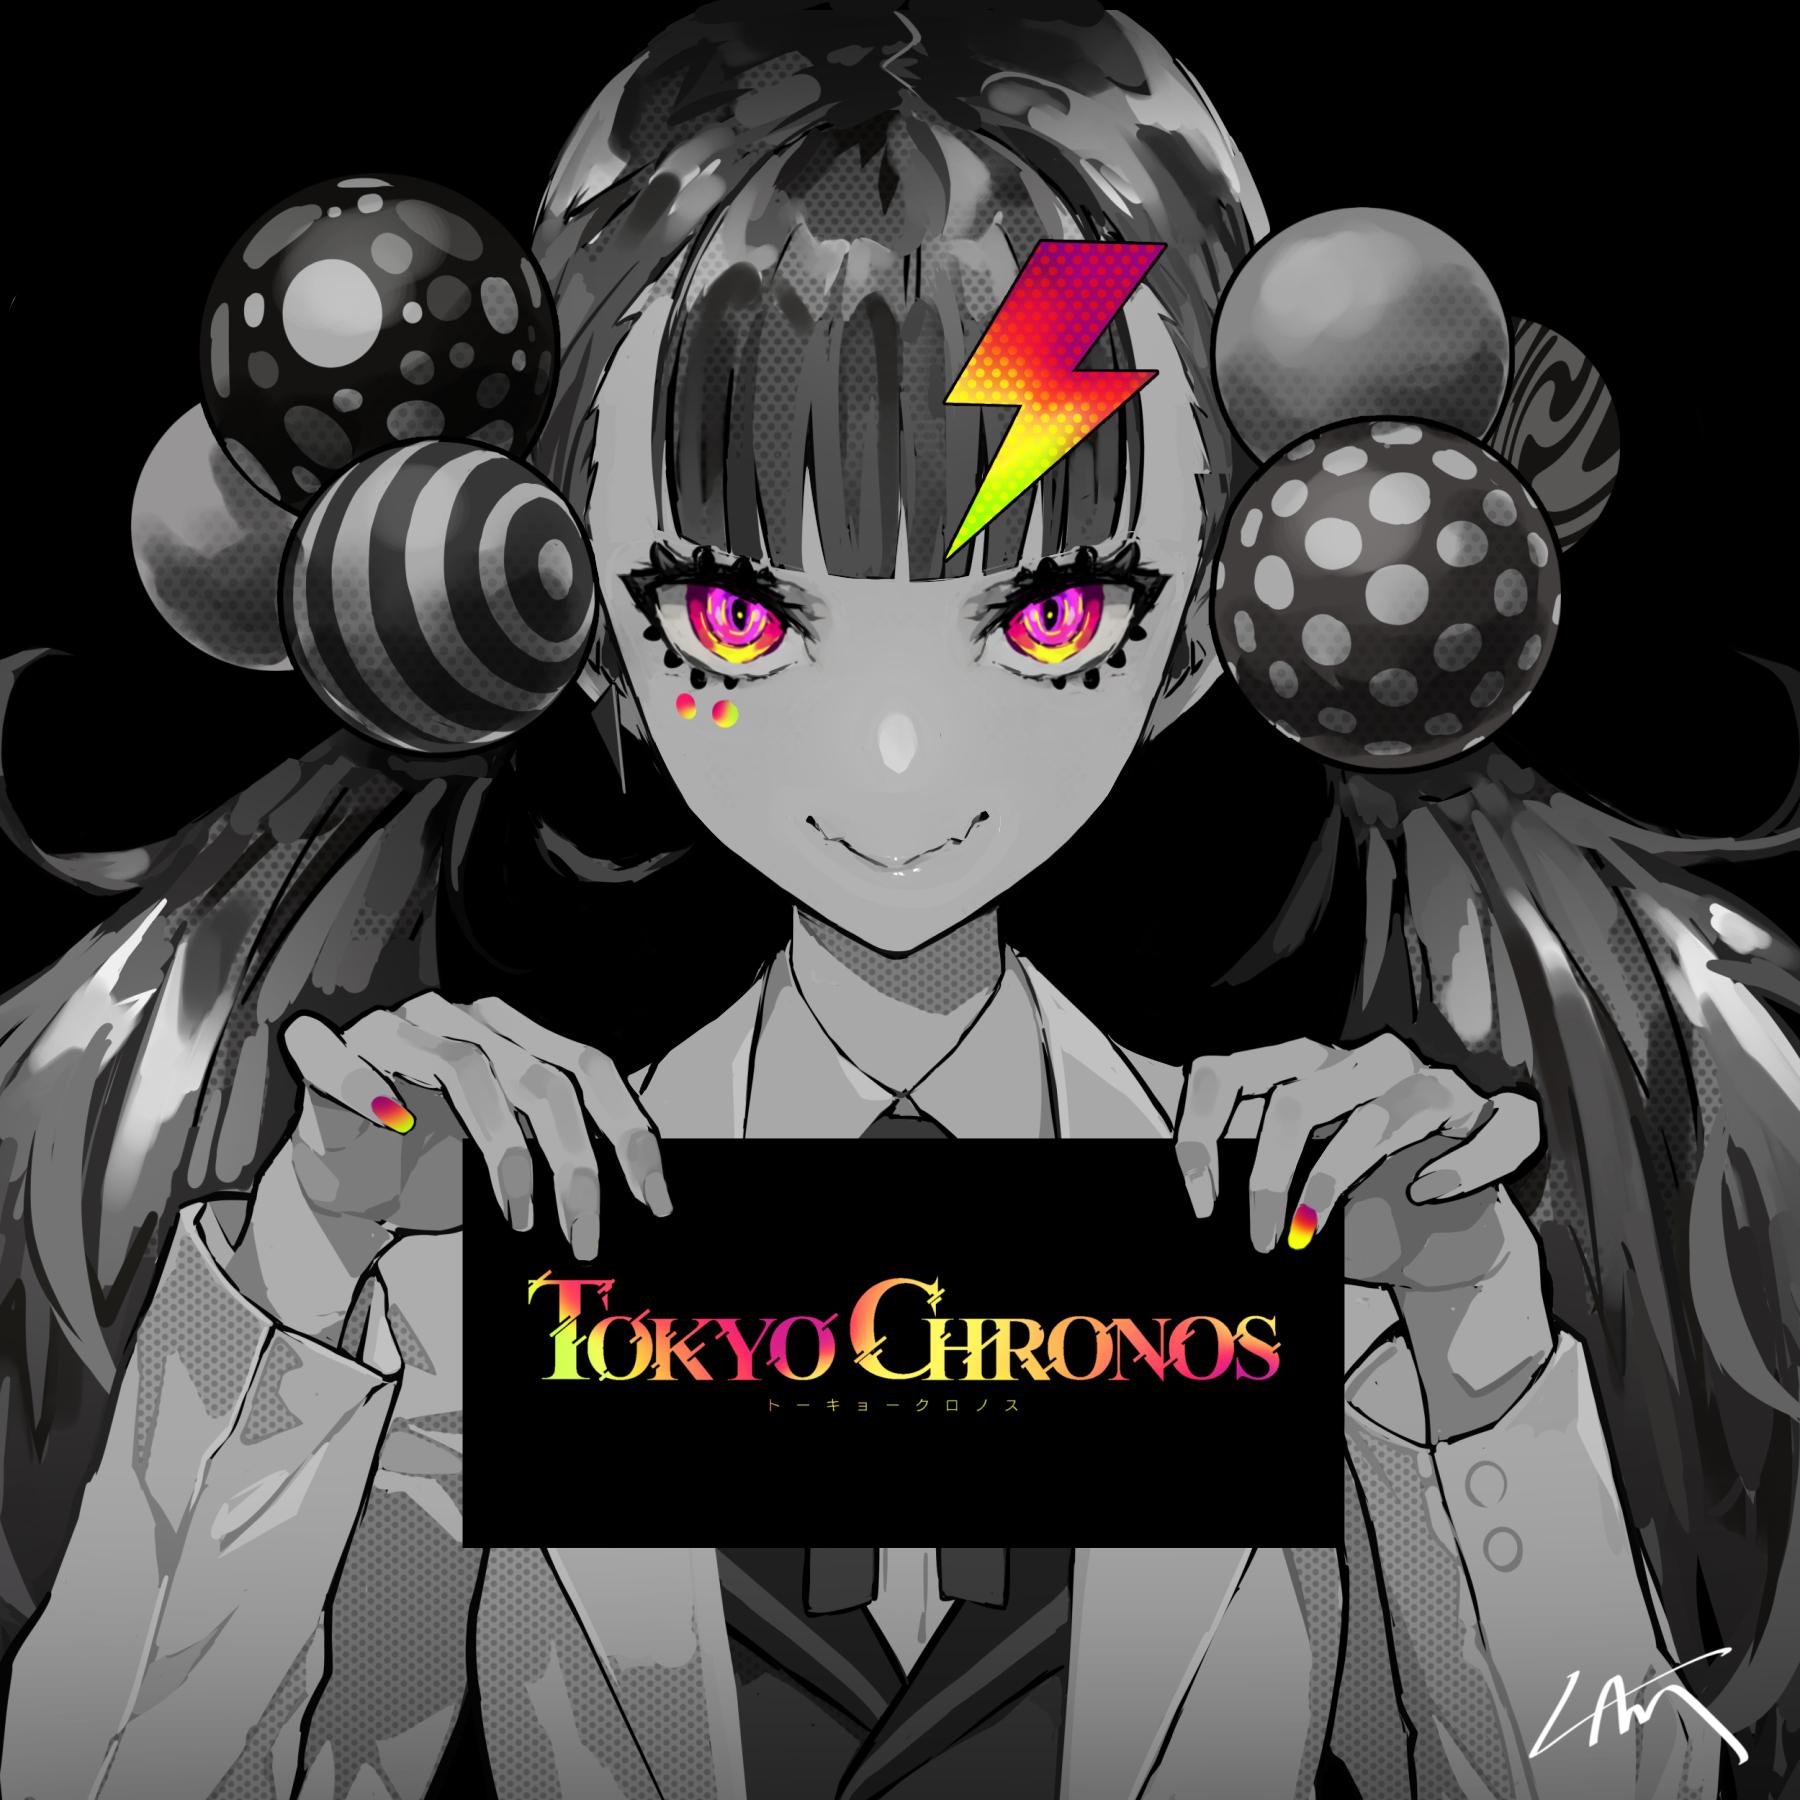 Artwork de uma personagem de Tokyo Chronos